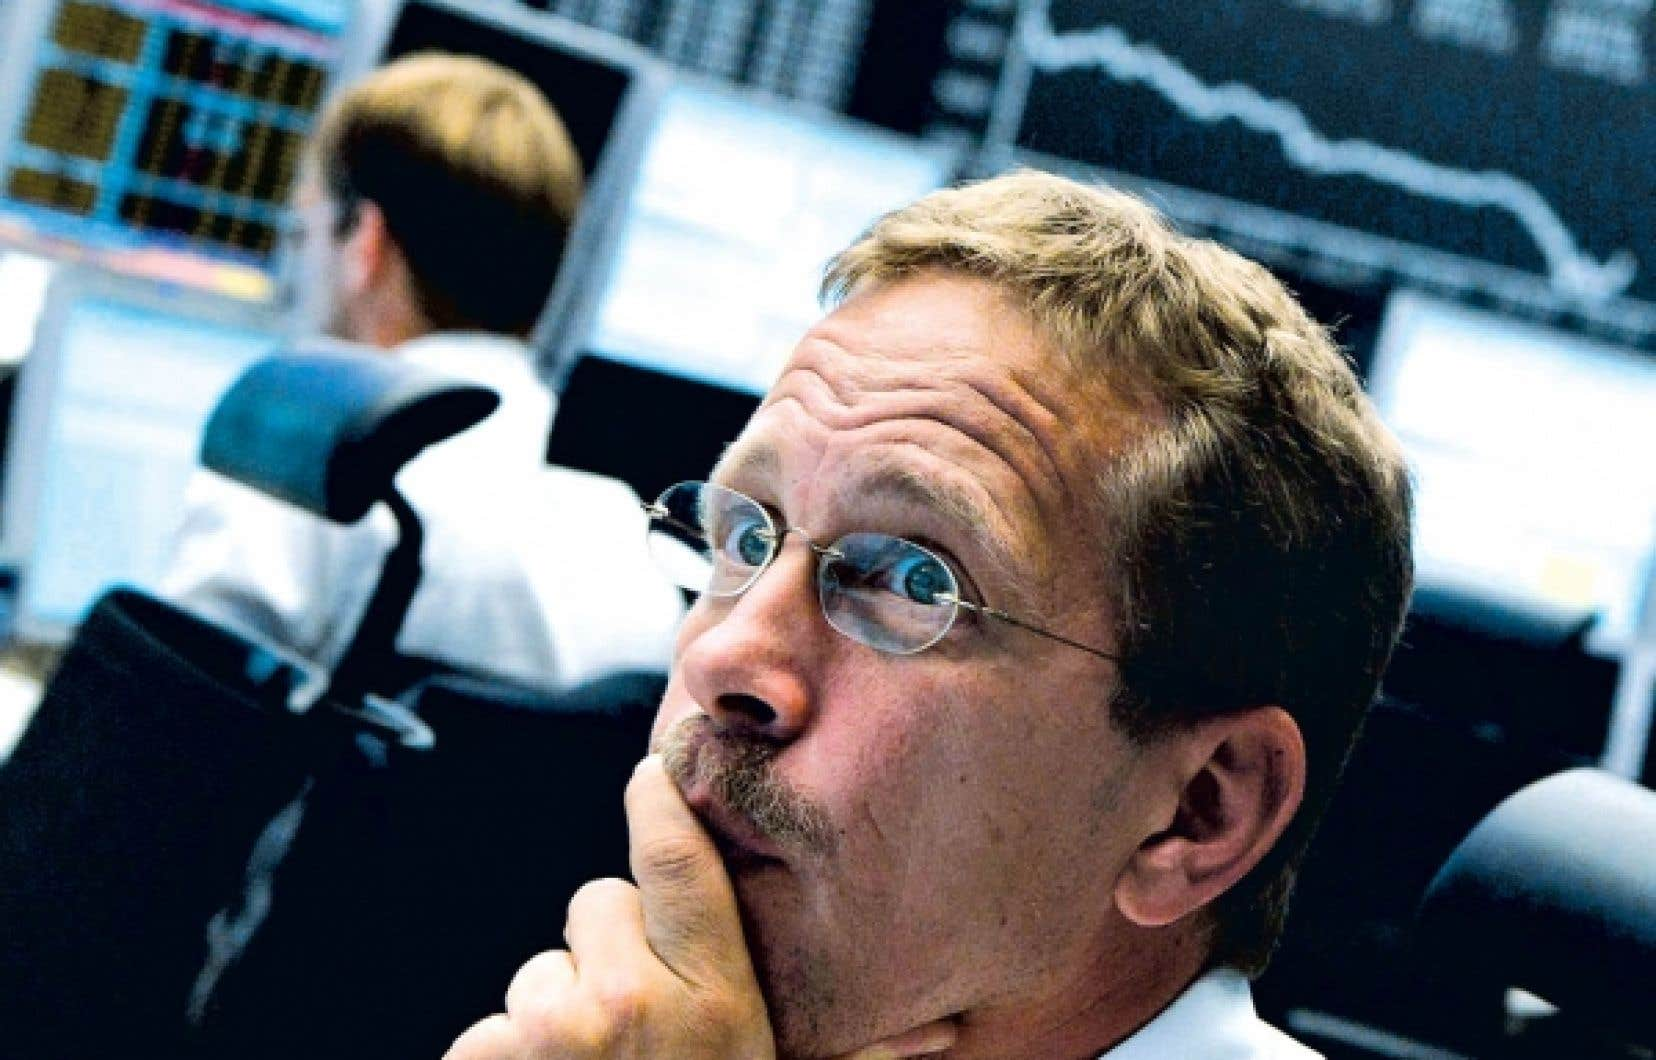 C'est à la Bourse de Francfort que la chute a été la plus rude hier, avec une baisse de 5,28 %.<br />